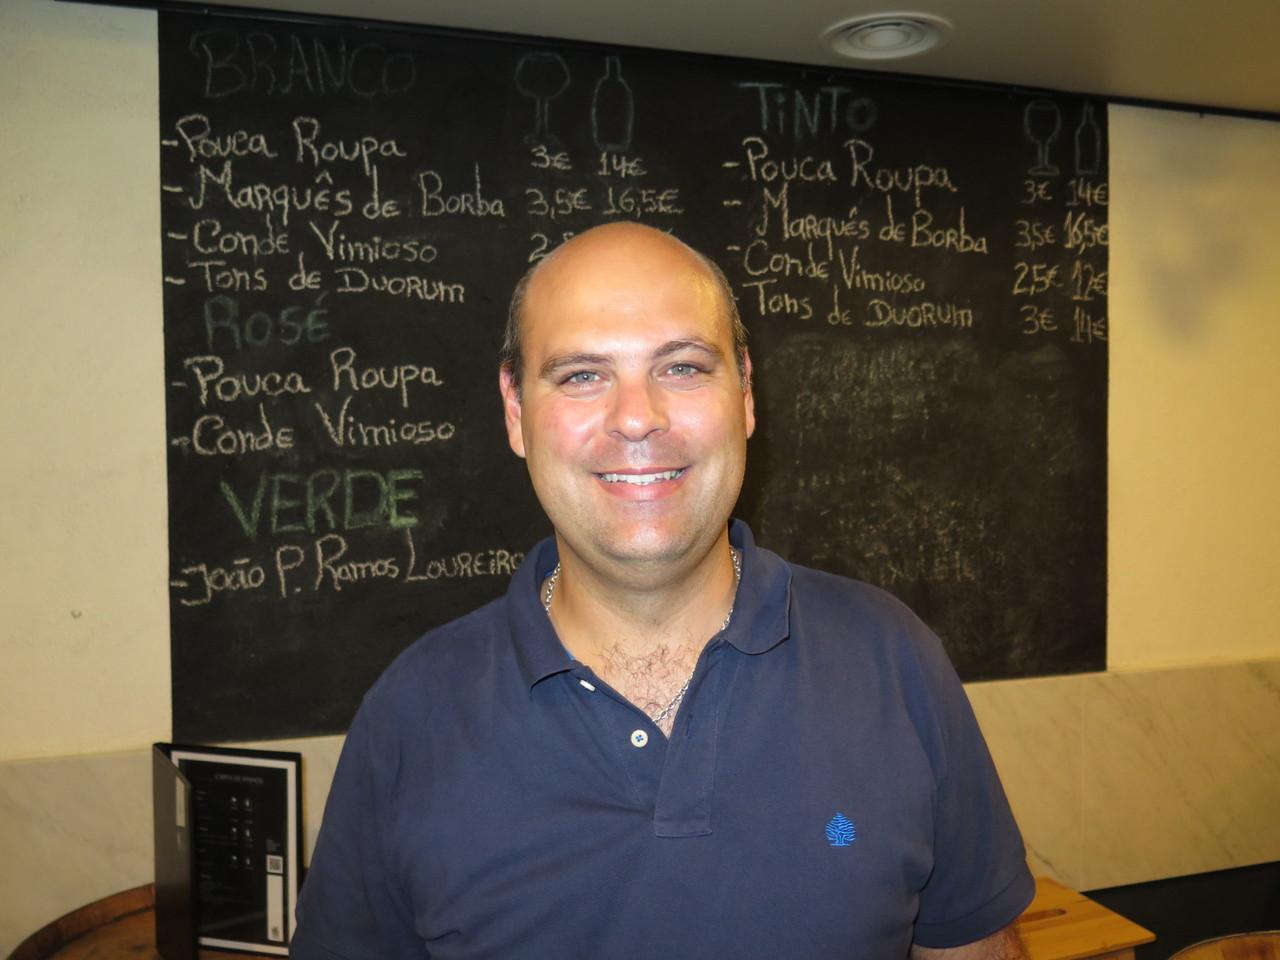 Pedro Sommer